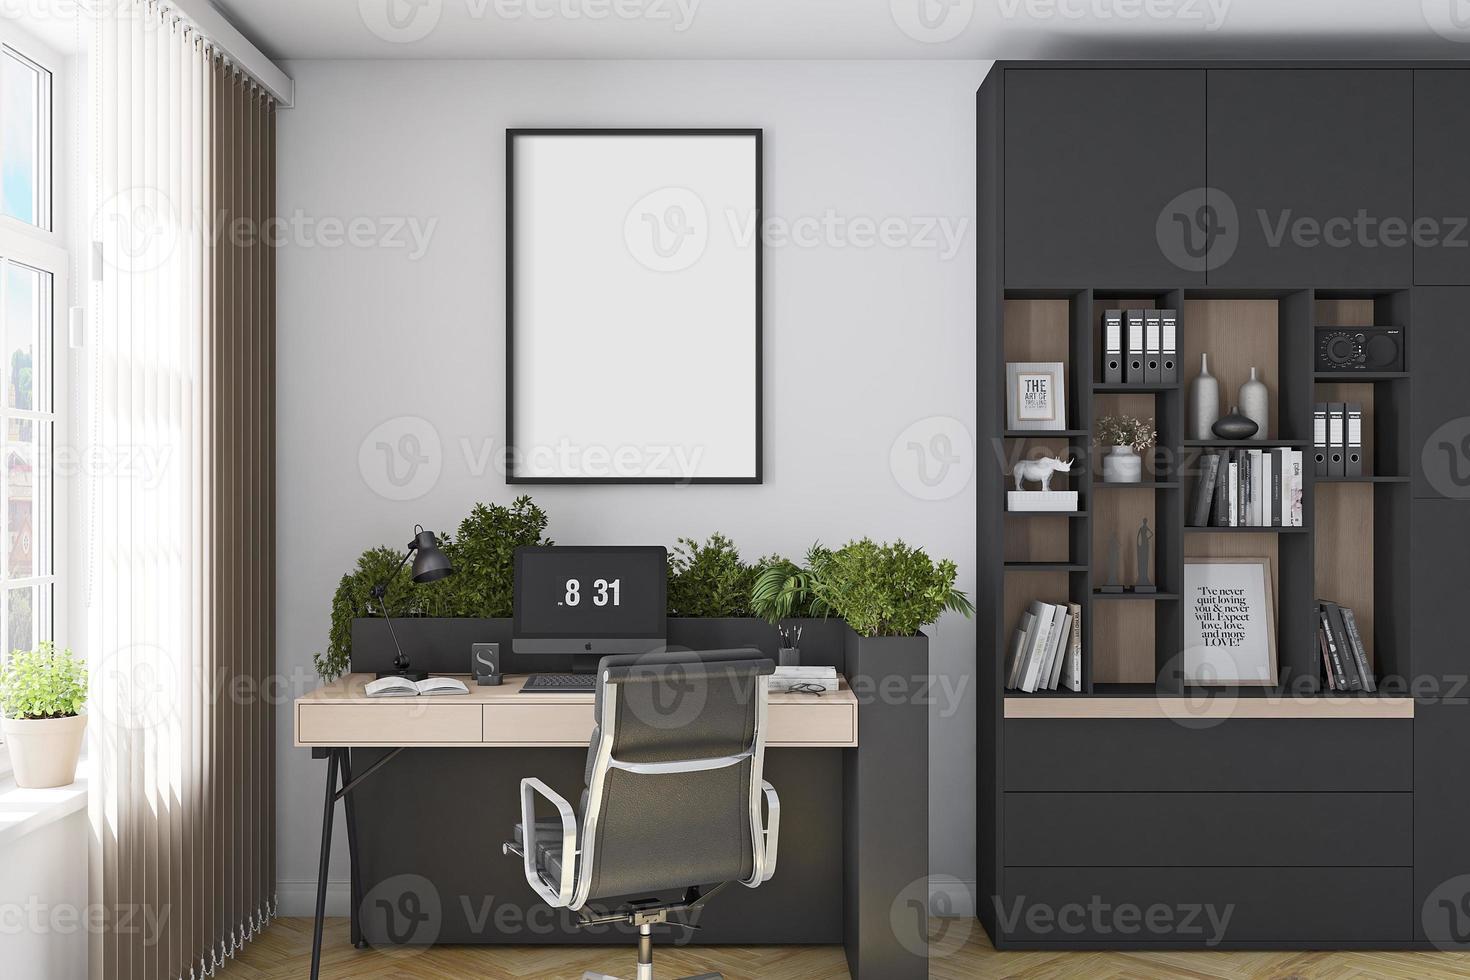 maquete da moldura do interior do escritório - 865 foto